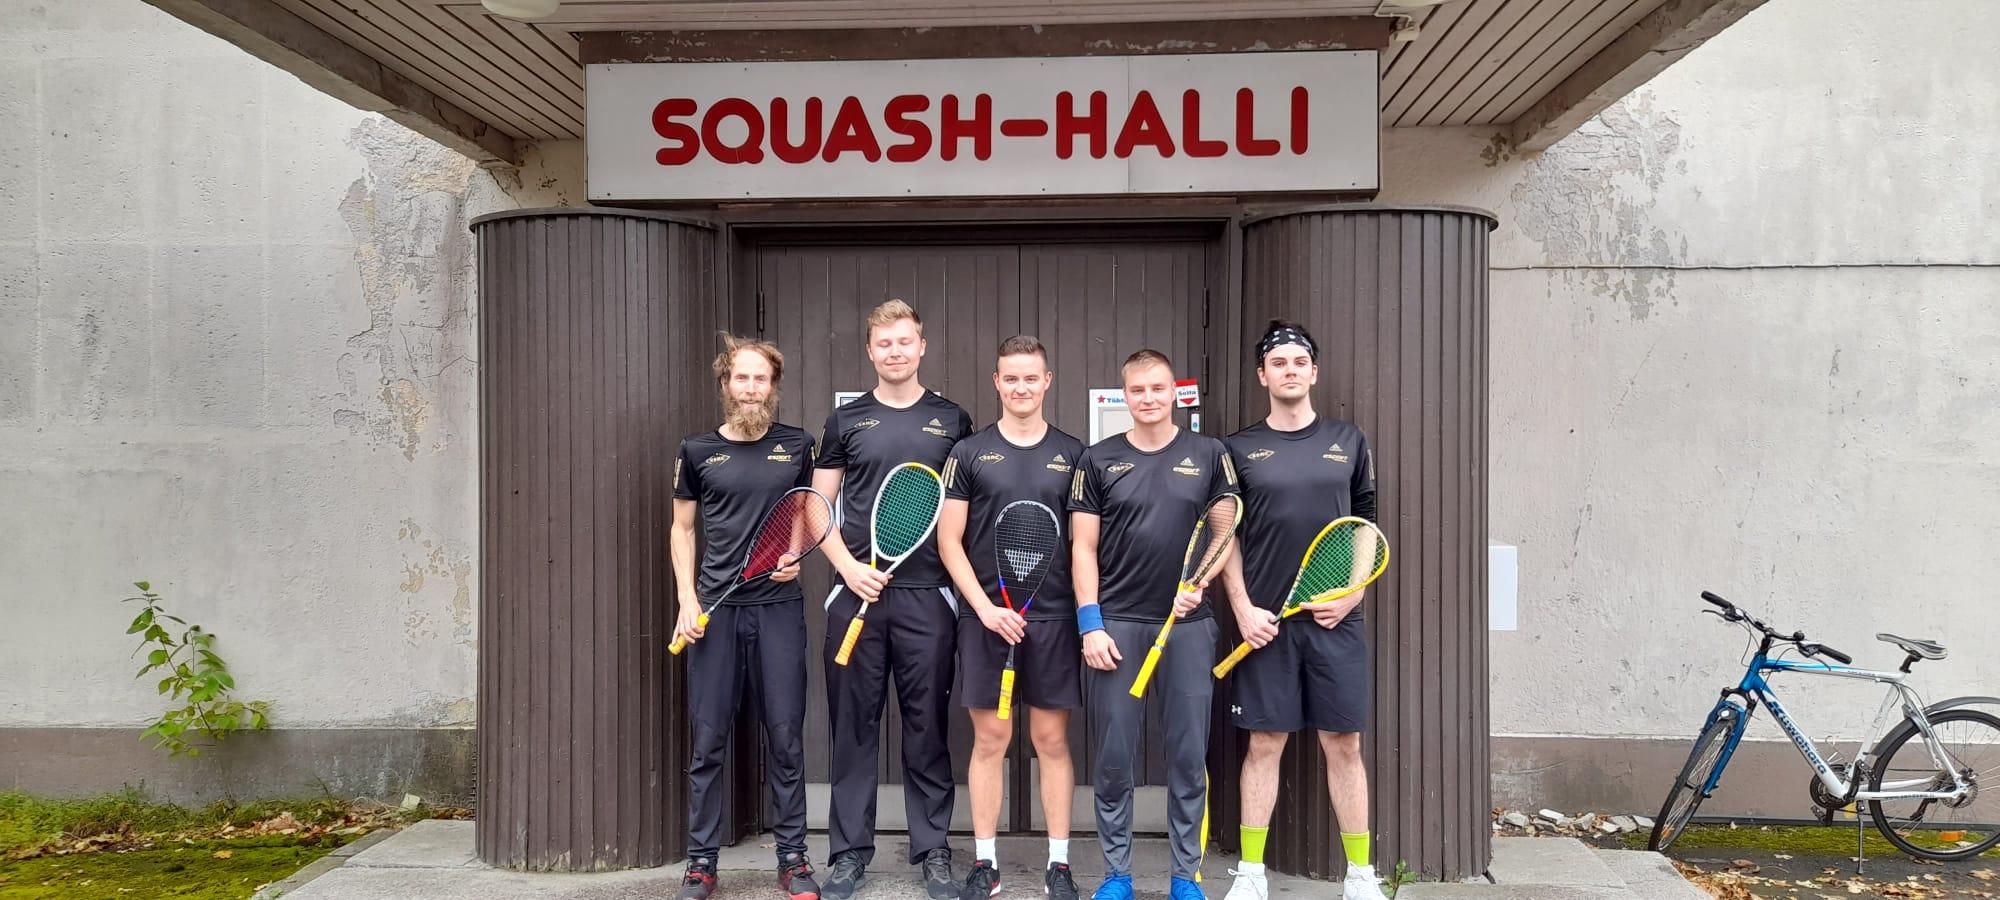 ESRC:n joukkueiden Squashliiga-kierros 25.9.2021